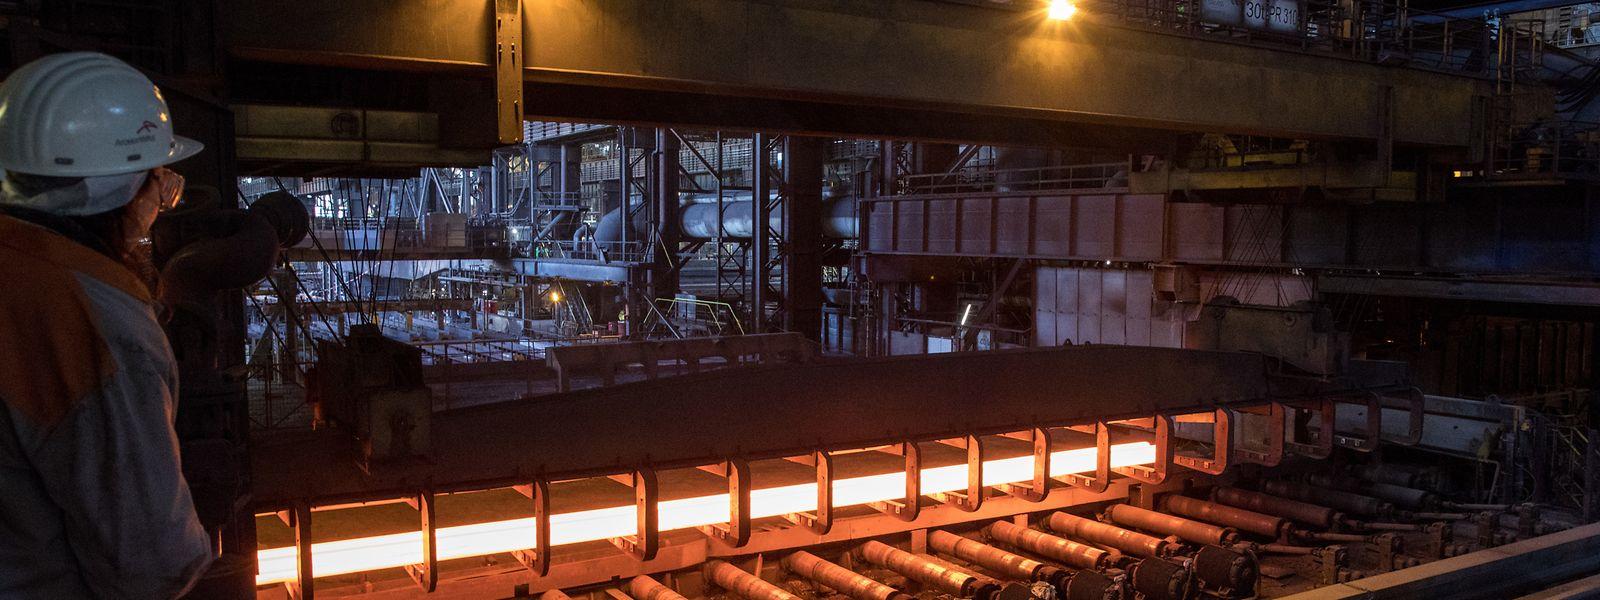 Das Stahlwerk von ArcelorMittal in Differdingen.